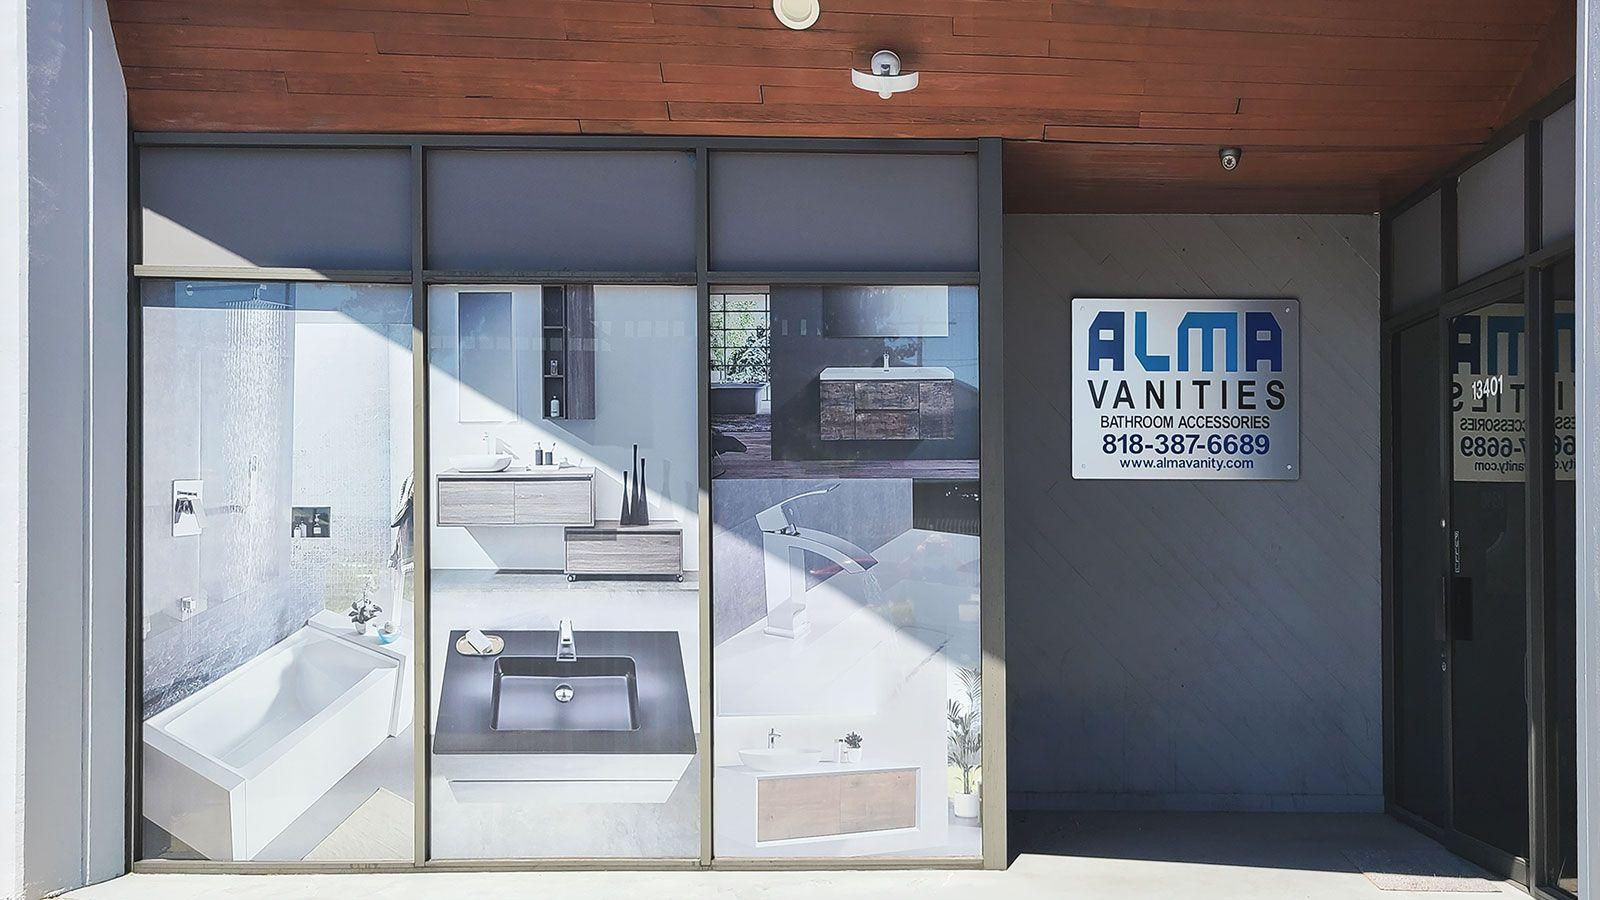 alma vanities store window decals